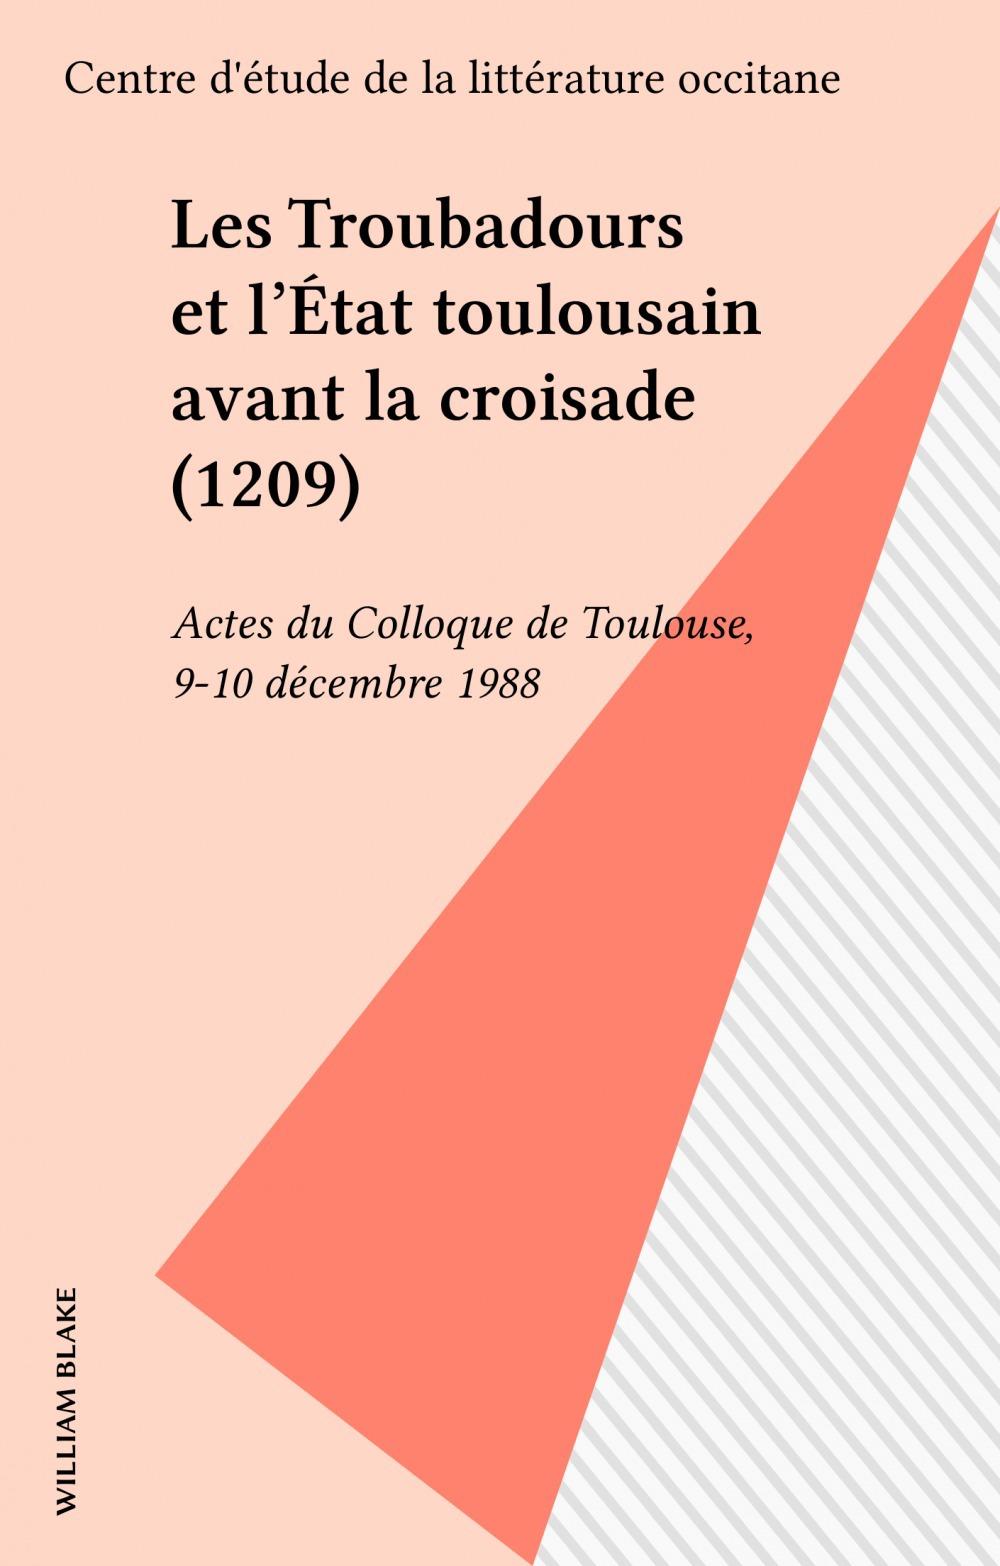 Troubadours et l'etat toulousain avant la croisade 1209